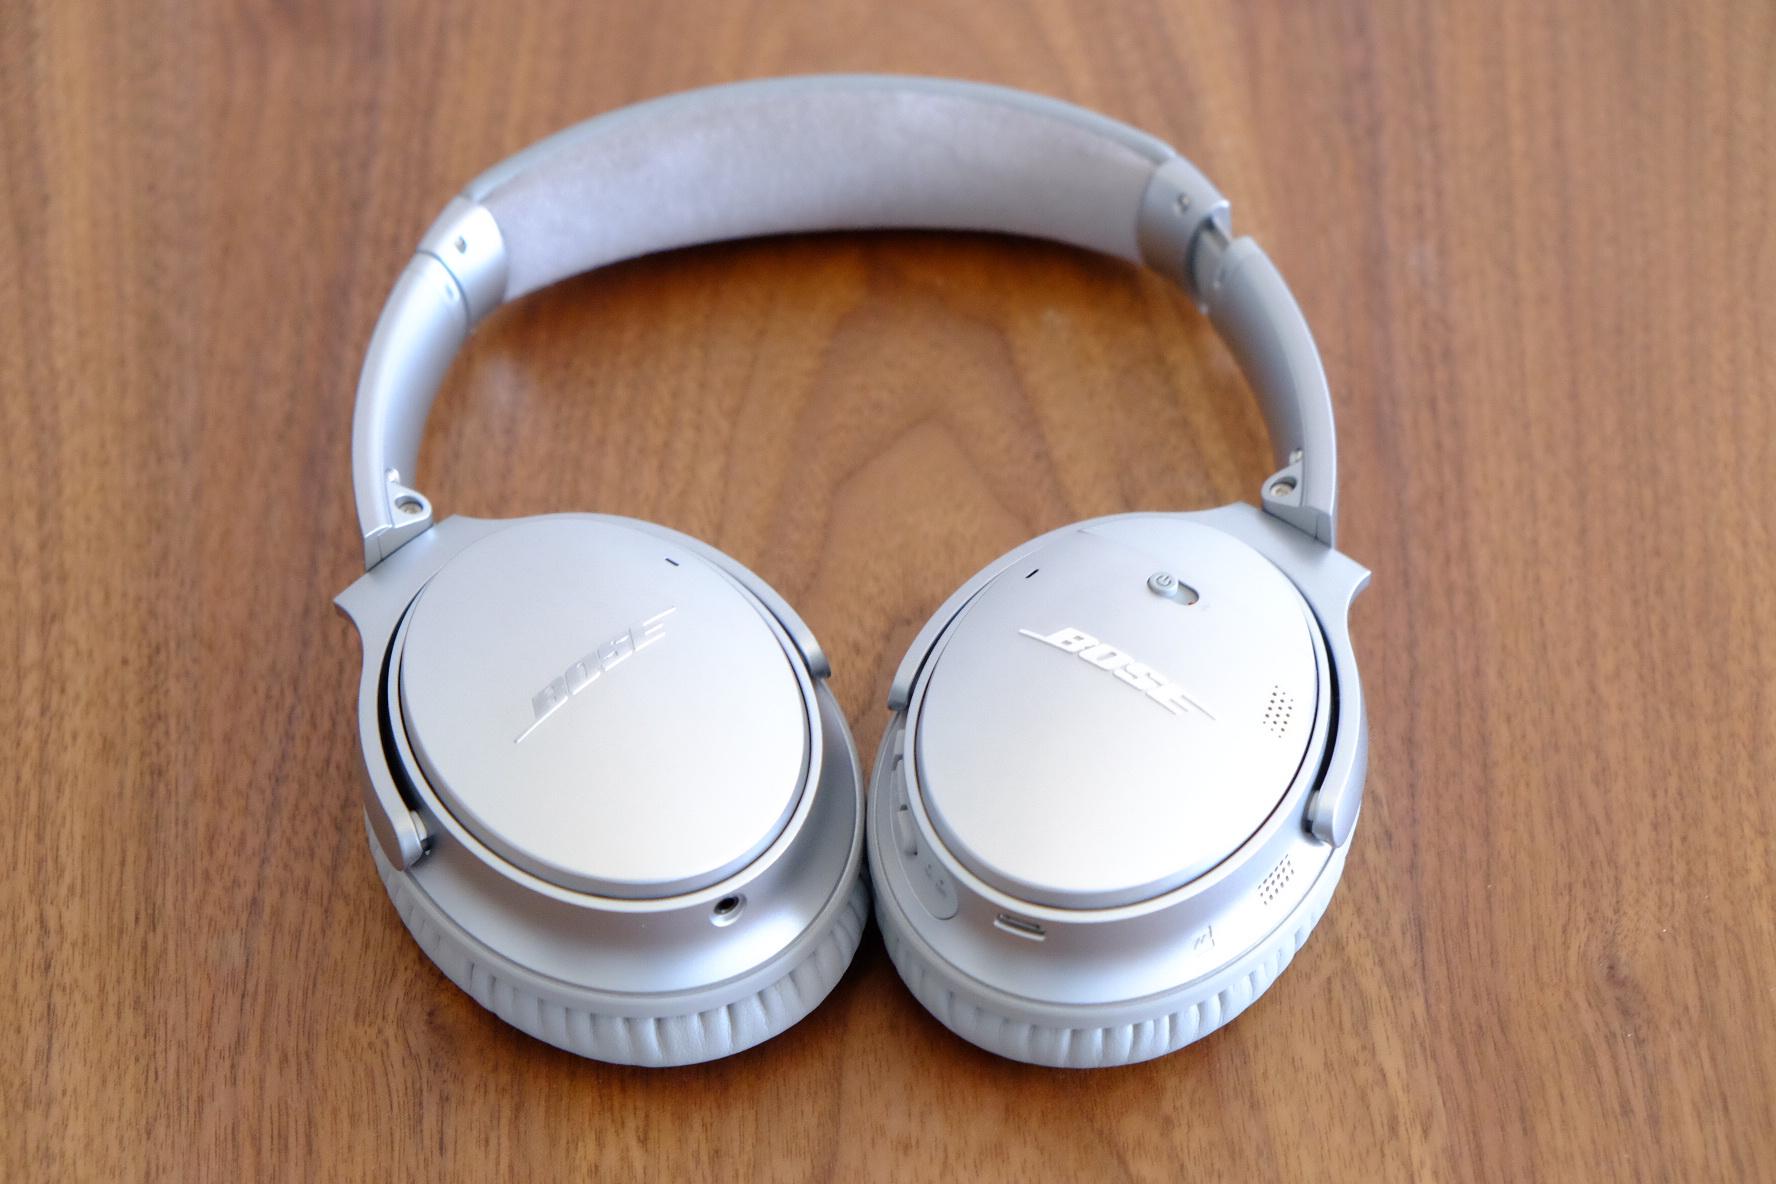 おすすめ!ノイズキャンセリングヘッドホン(Bose Quiet Comfort 35)の購入レビュー